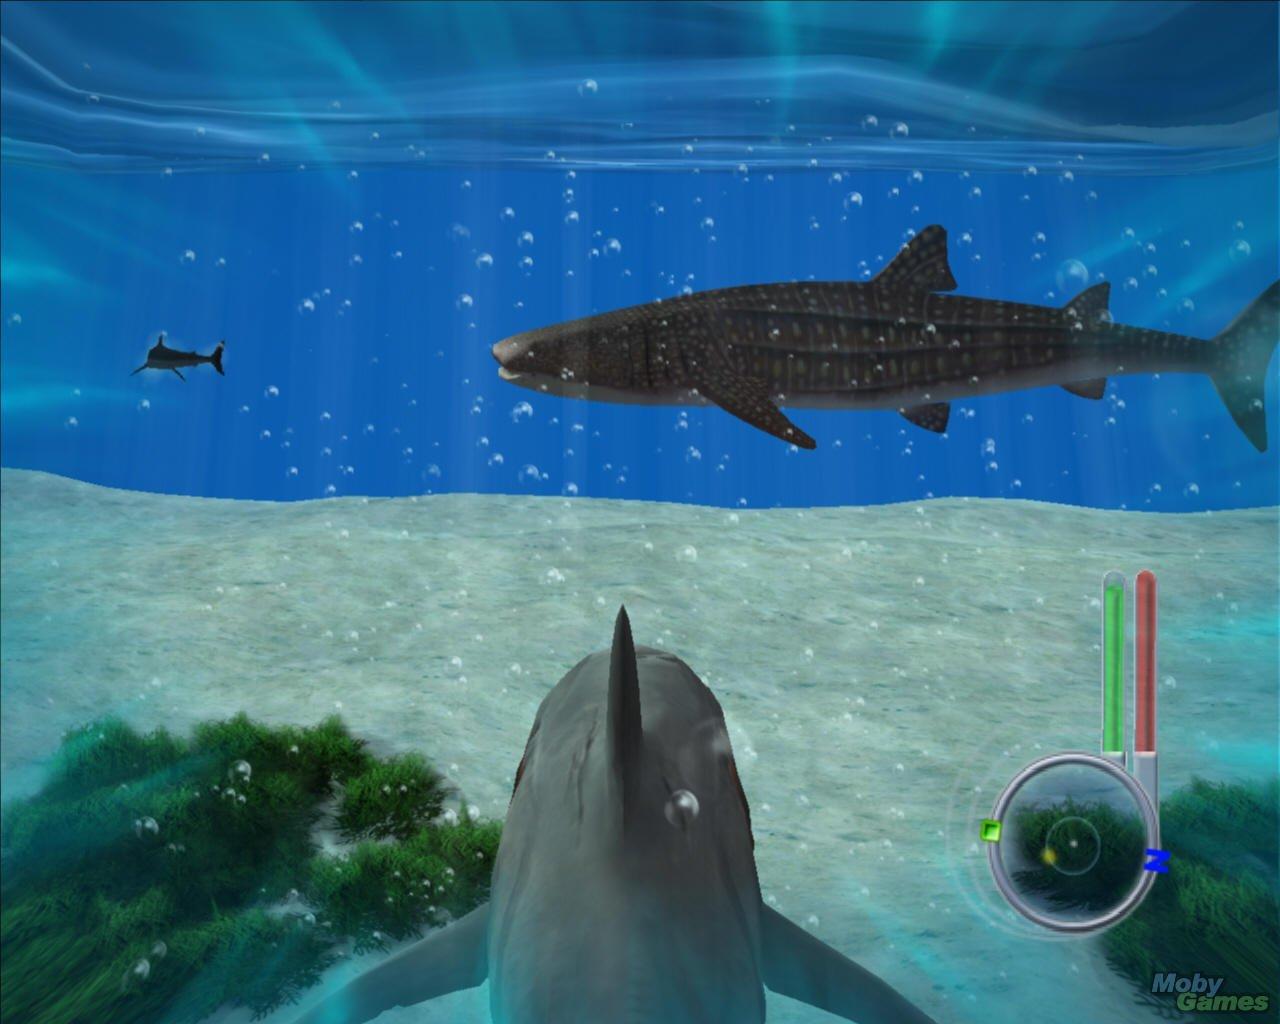 Скачать торрент симулятор акулы